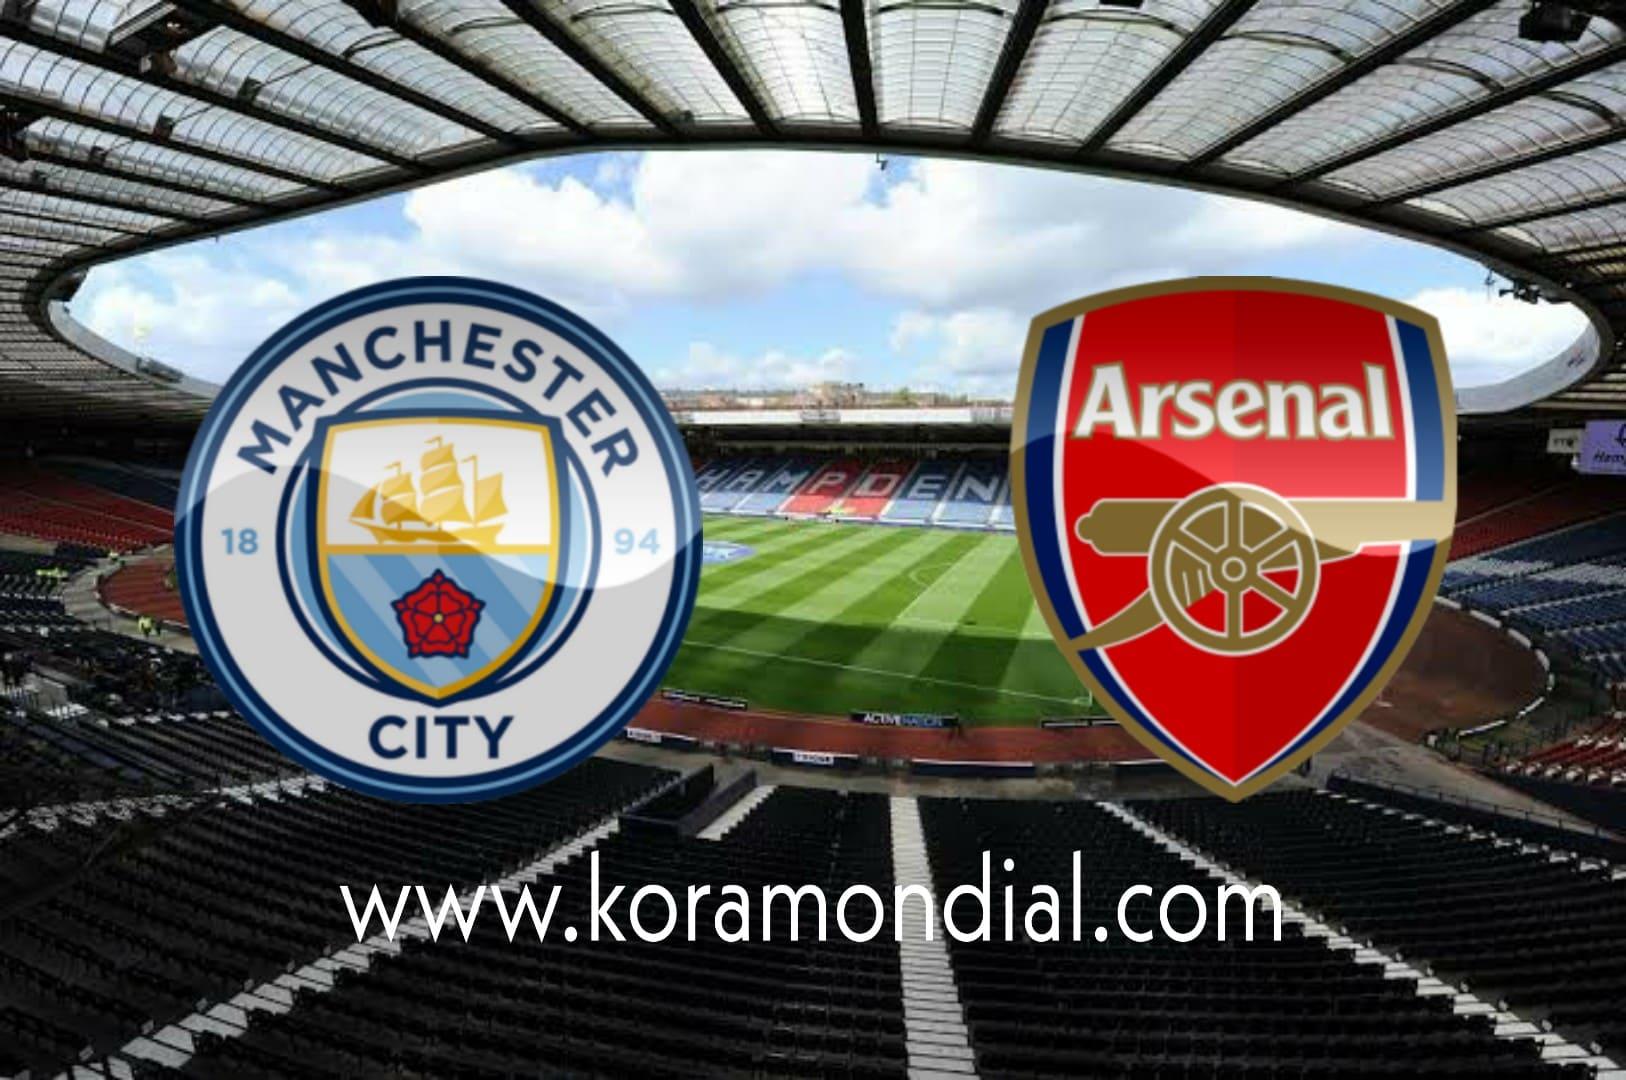 مشاهدة مباراة أرسنال و مانشستر سيتي بث مباشر اليوم  17-10-2020 في الدوري الإنجليزي الممتاز